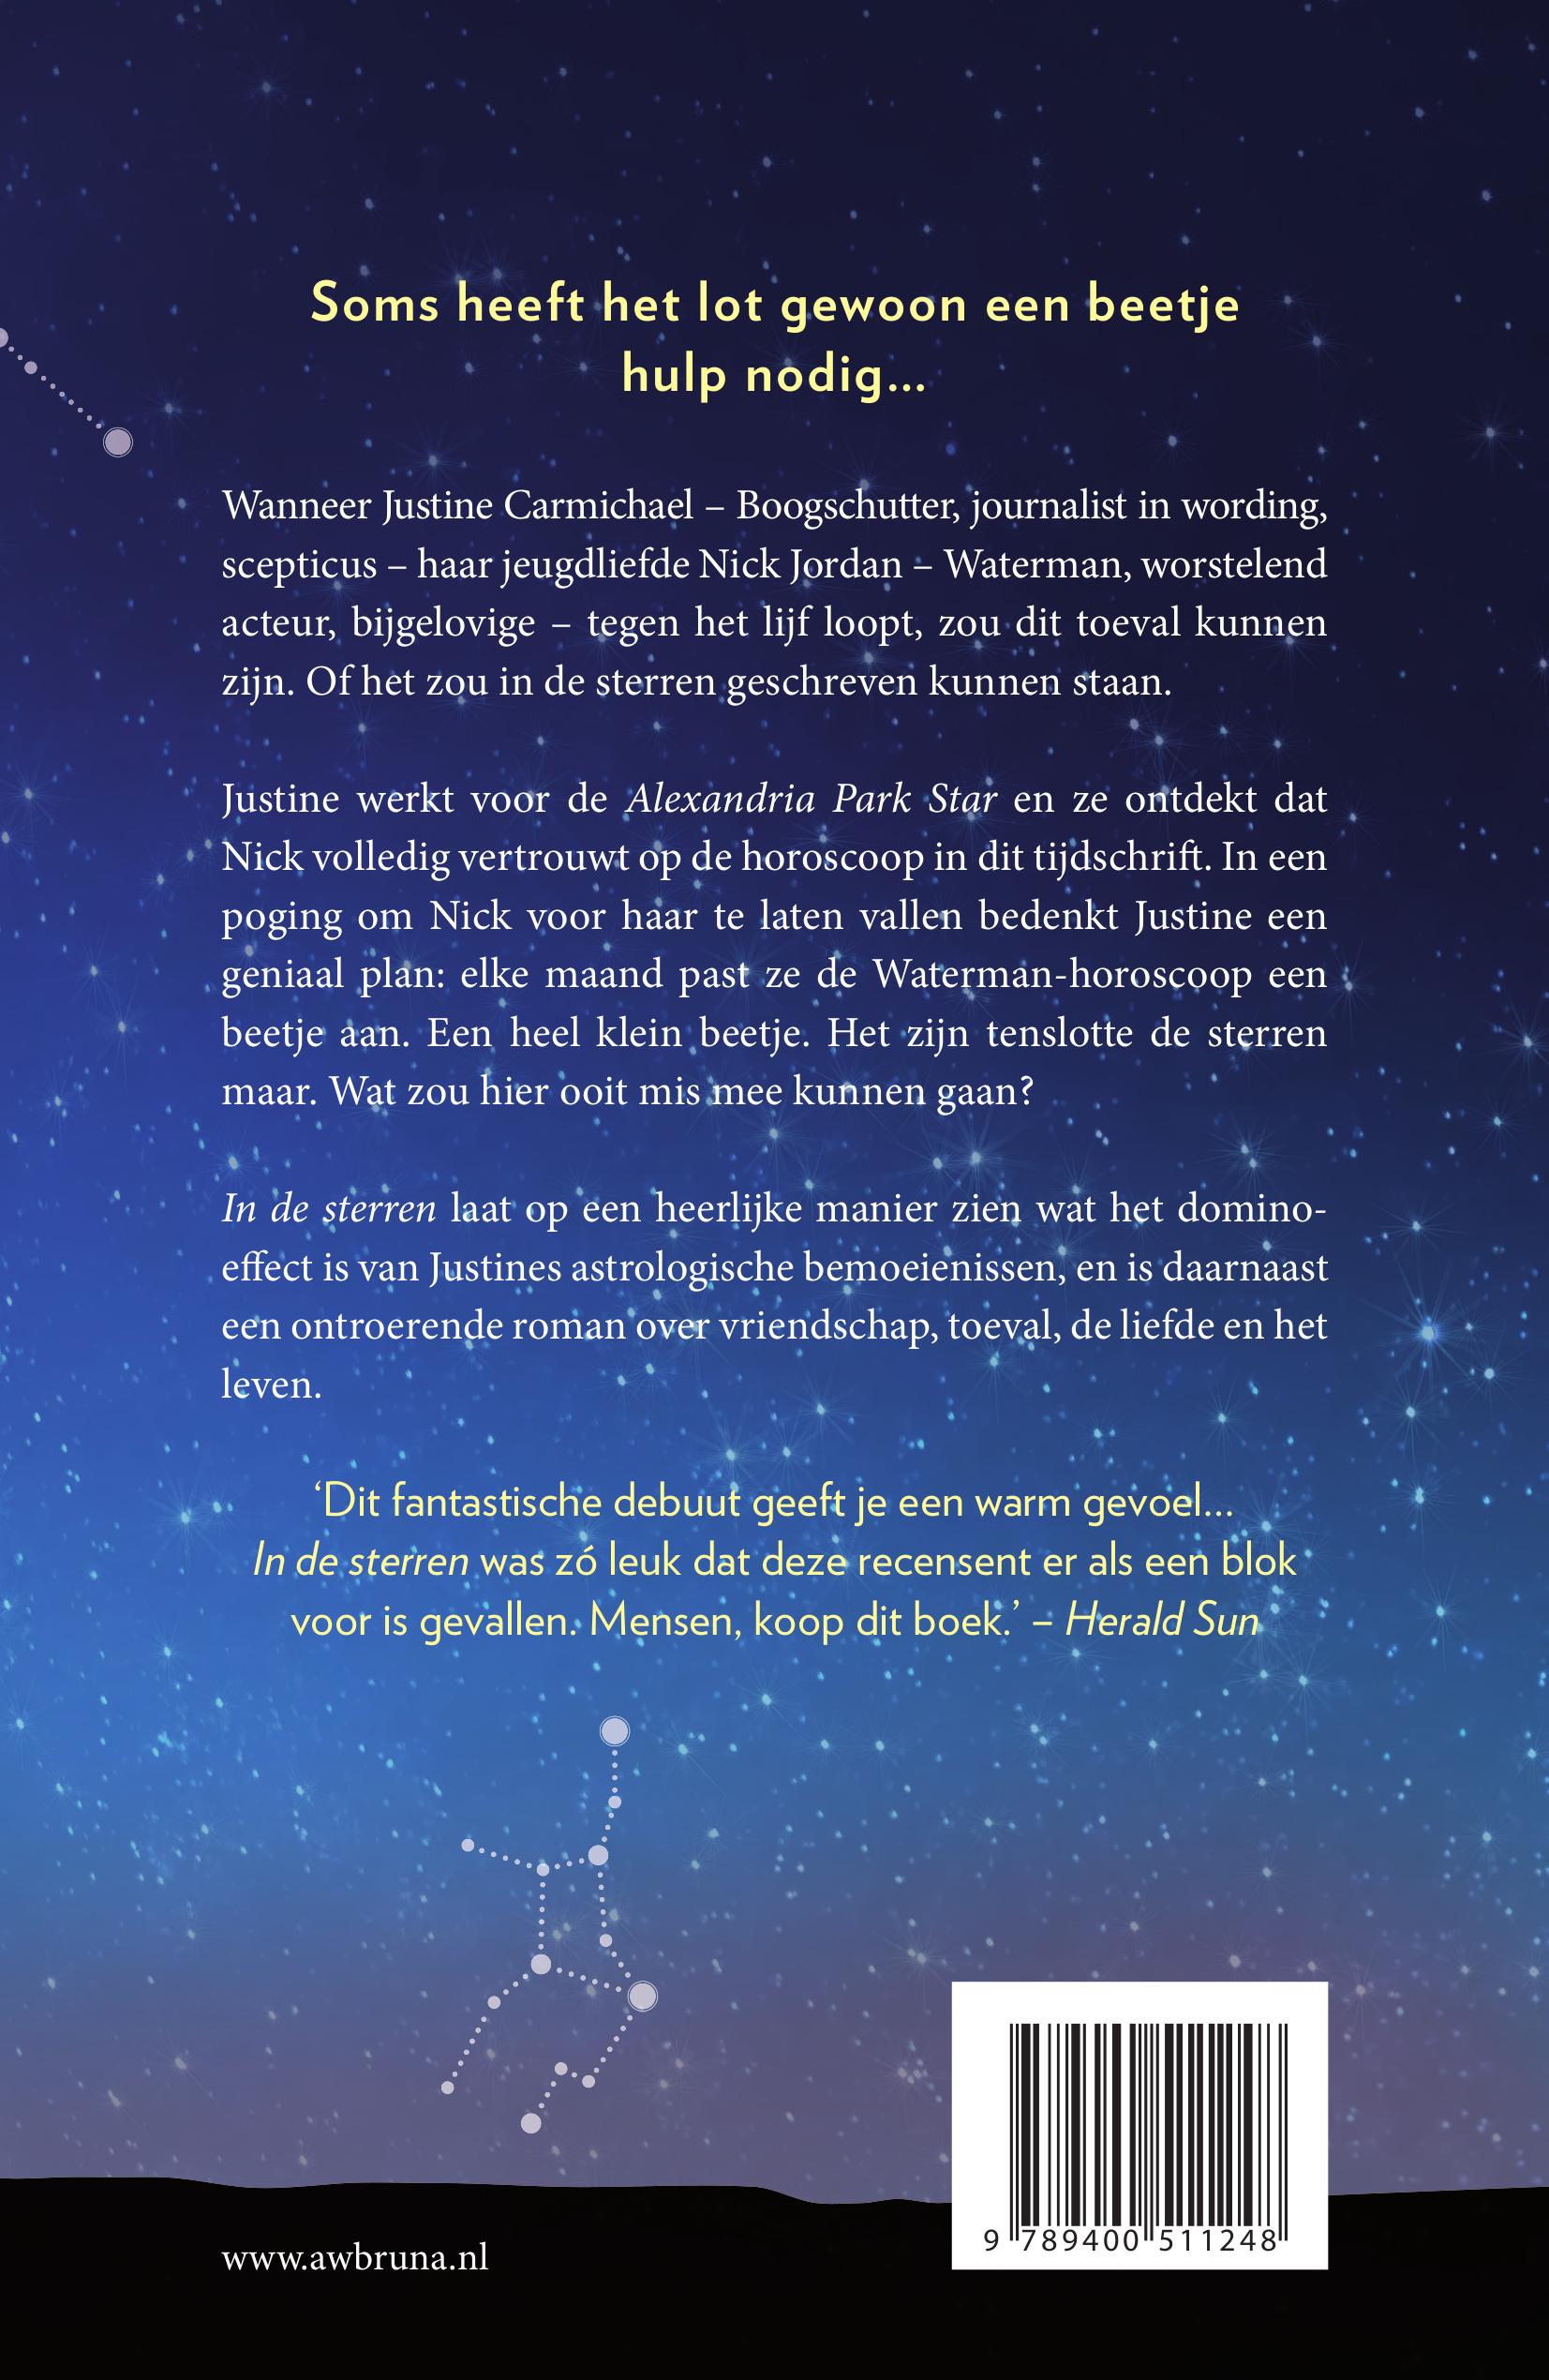 In de sterren